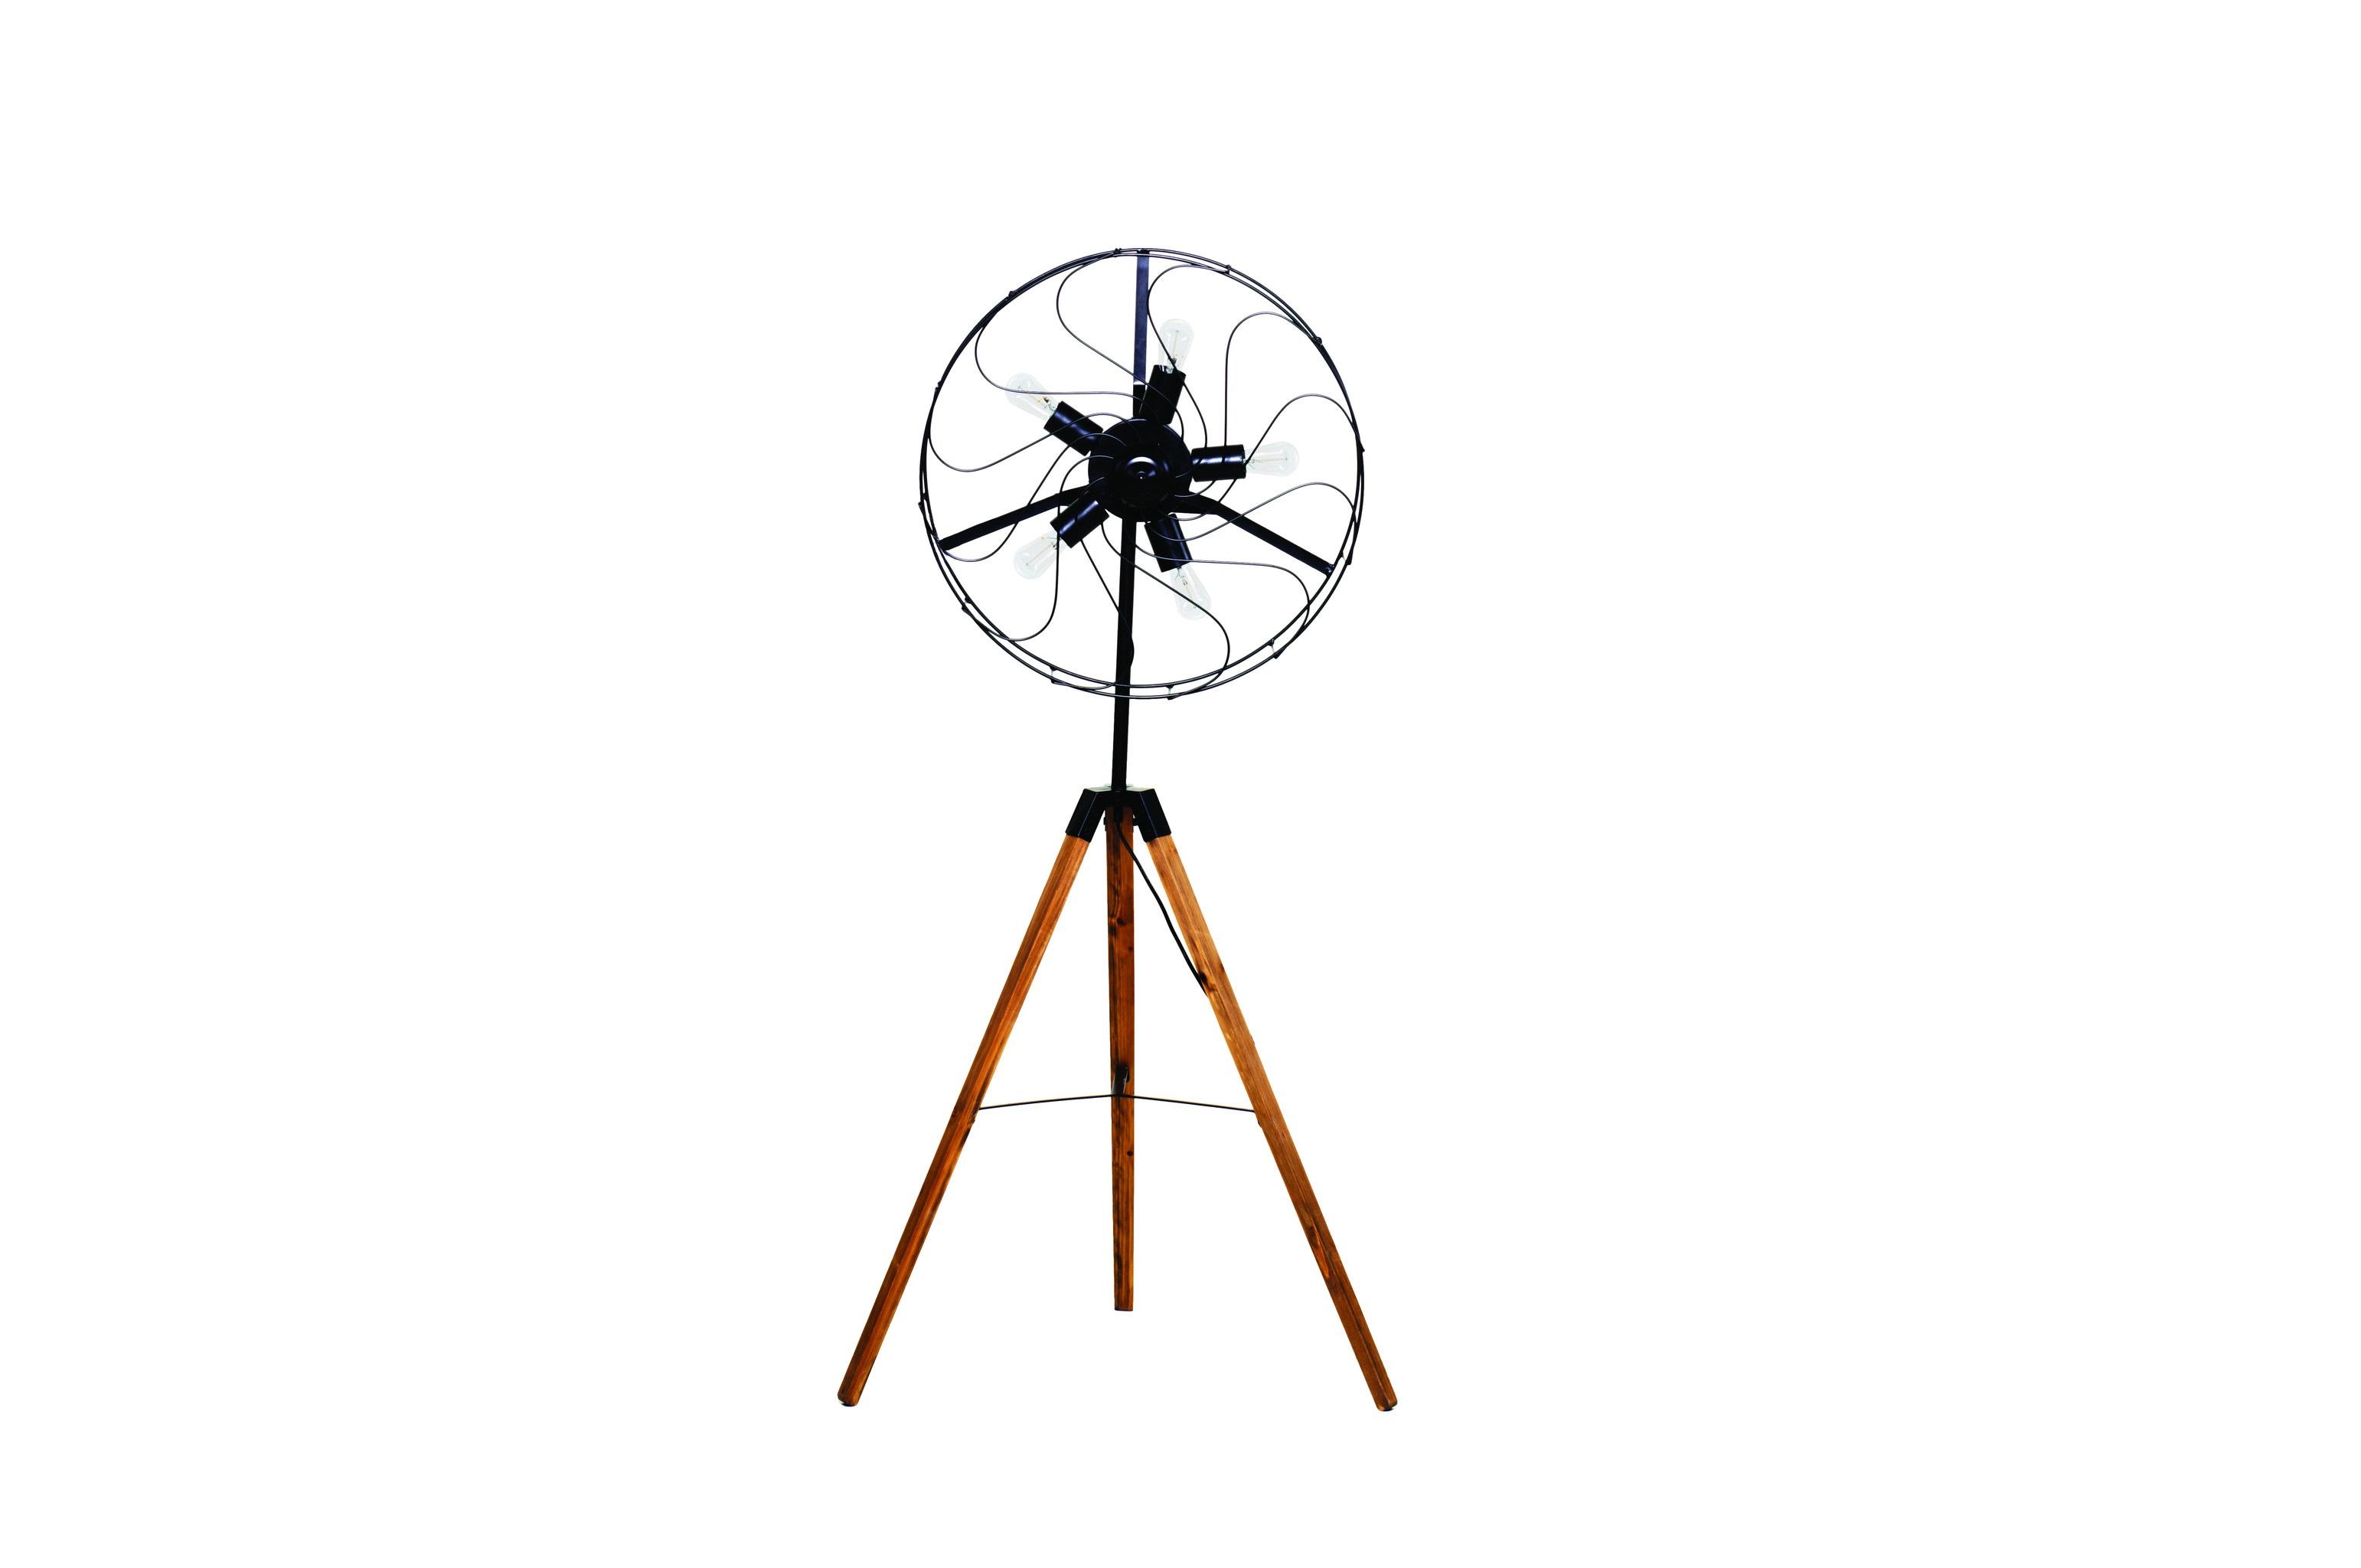 Напольная лампа HelycopterНапольные светильники<br>Лампа &amp;quot;Helycopter&amp;quot; своим силуэтом больше напоминает бытовой вентилятор, чем осветительный прибор. Она выполена содинением необработанных металлических и деревянных деталей, рождающих брутальный стиль лофт. Такая лампа, одновременно являющаяся декором, наполнит комнату прохладой сдержанного, но оригинального промышленного дизайна.&amp;amp;nbsp;<br><br><br><br>&amp;lt;div&amp;gt;&amp;lt;br&amp;gt;&amp;lt;/div&amp;gt;&amp;lt;div&amp;gt;Галогенная&amp;amp;nbsp;&amp;lt;/div&amp;gt;&amp;lt;div&amp;gt;Цоколь: Е14&amp;amp;nbsp;&amp;lt;/div&amp;gt;&amp;lt;div&amp;gt;Мощность: 60W&amp;amp;nbsp;&amp;lt;/div&amp;gt;&amp;lt;div&amp;gt;5 ламп в комплект не входят&amp;lt;/div&amp;gt;<br><br>Material: Металл<br>Length см: 54<br>Width см: 60<br>Height см: 142